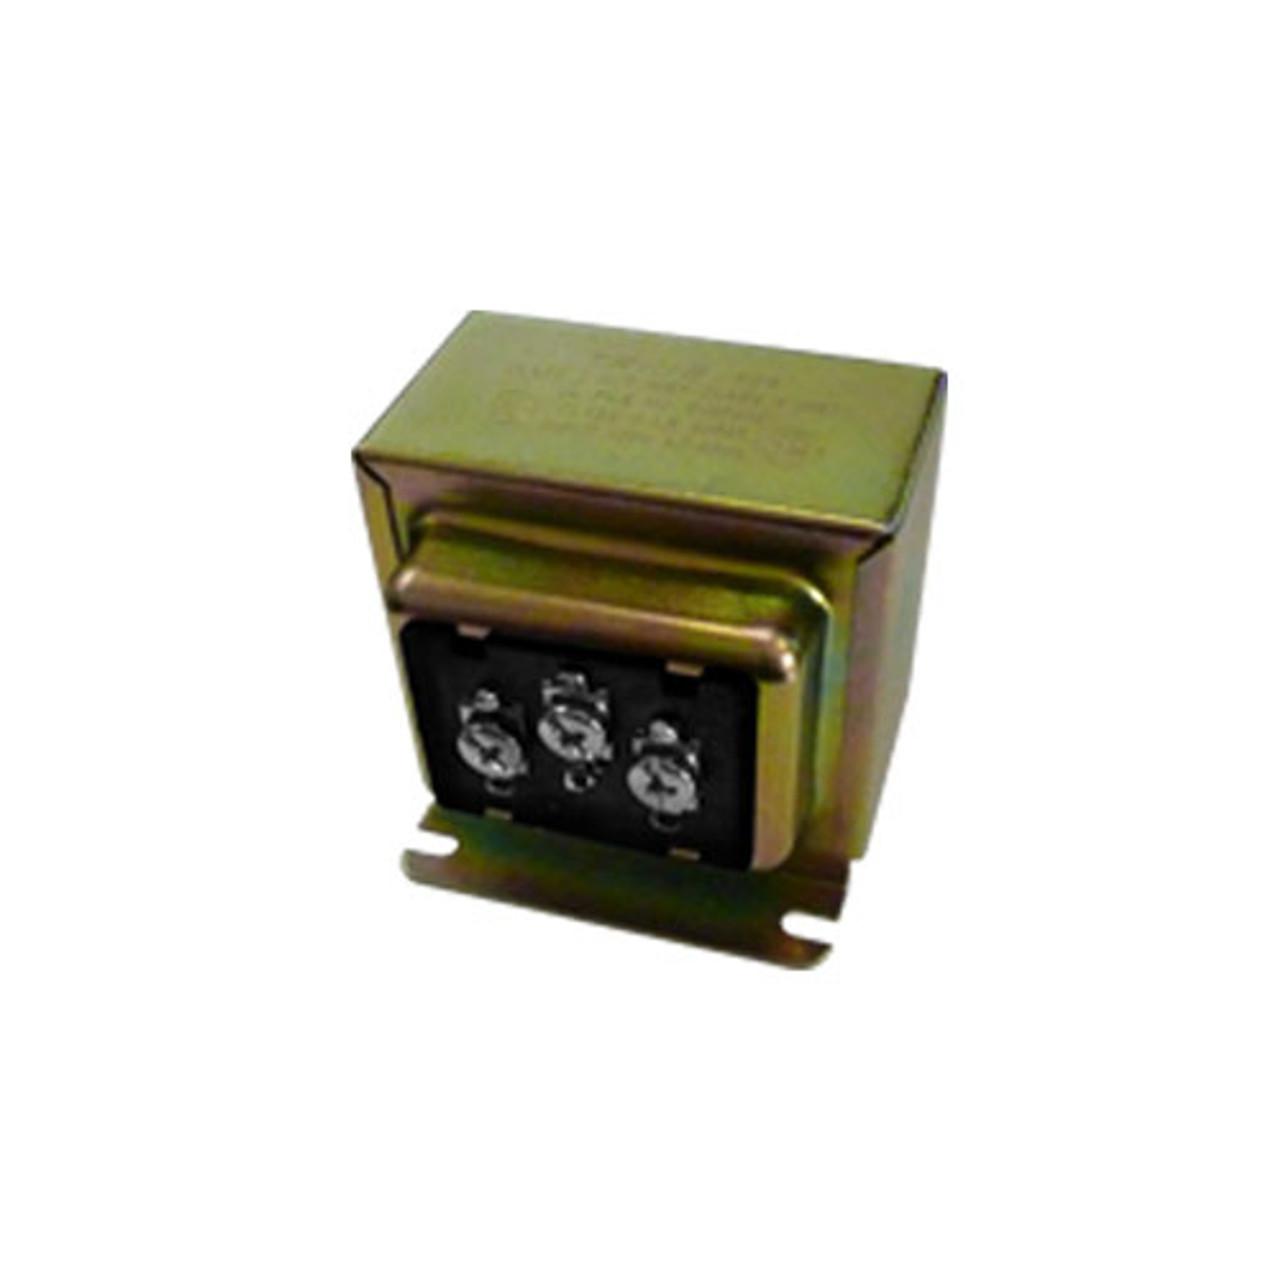 525 Trine clamp on Transformer Tri Volt AC